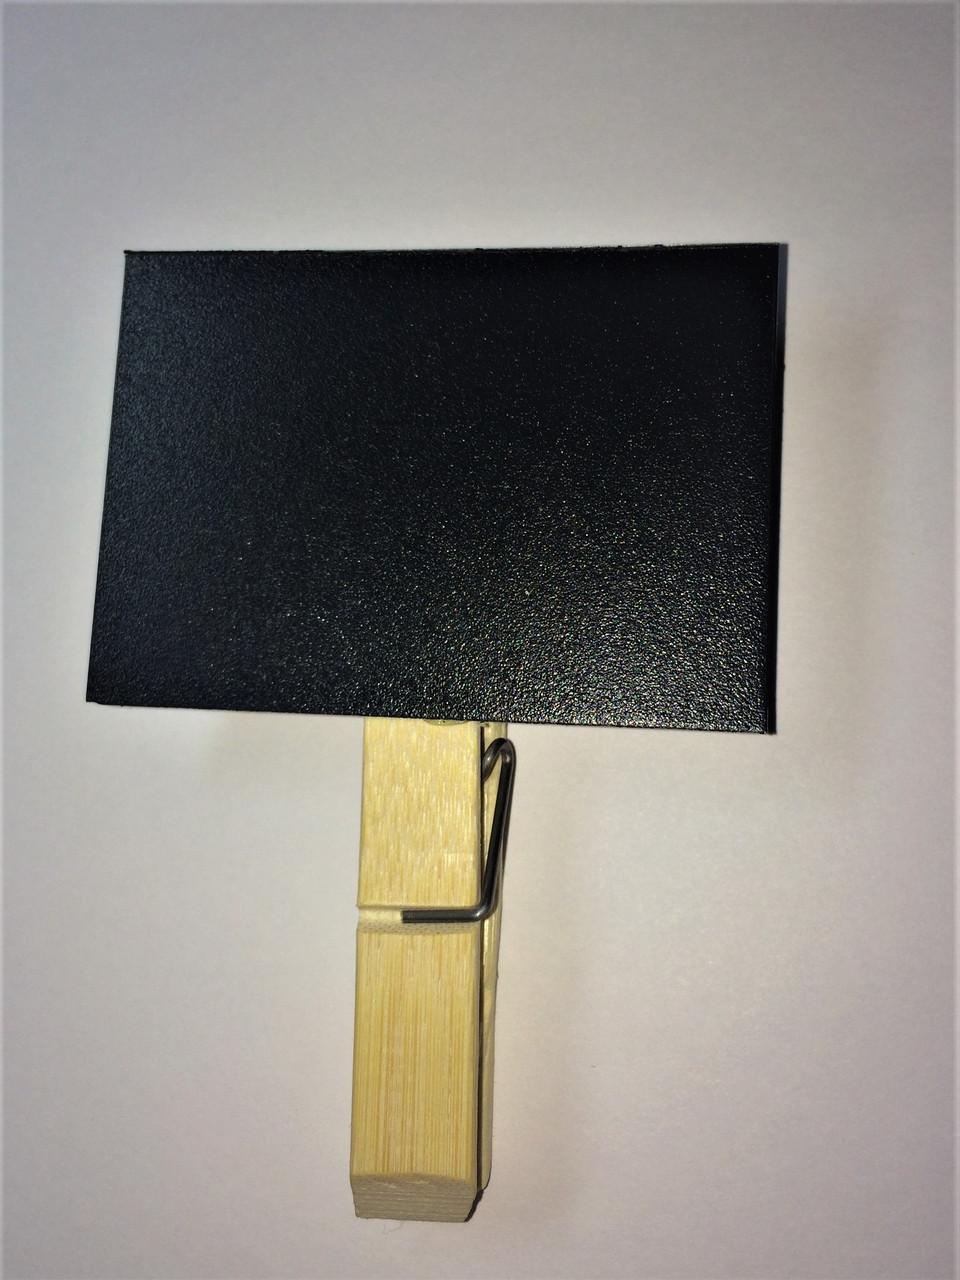 Меловой ценник 3х5 см с прищепкой держателем для надписей мелом и маркером. Грифельная табличка